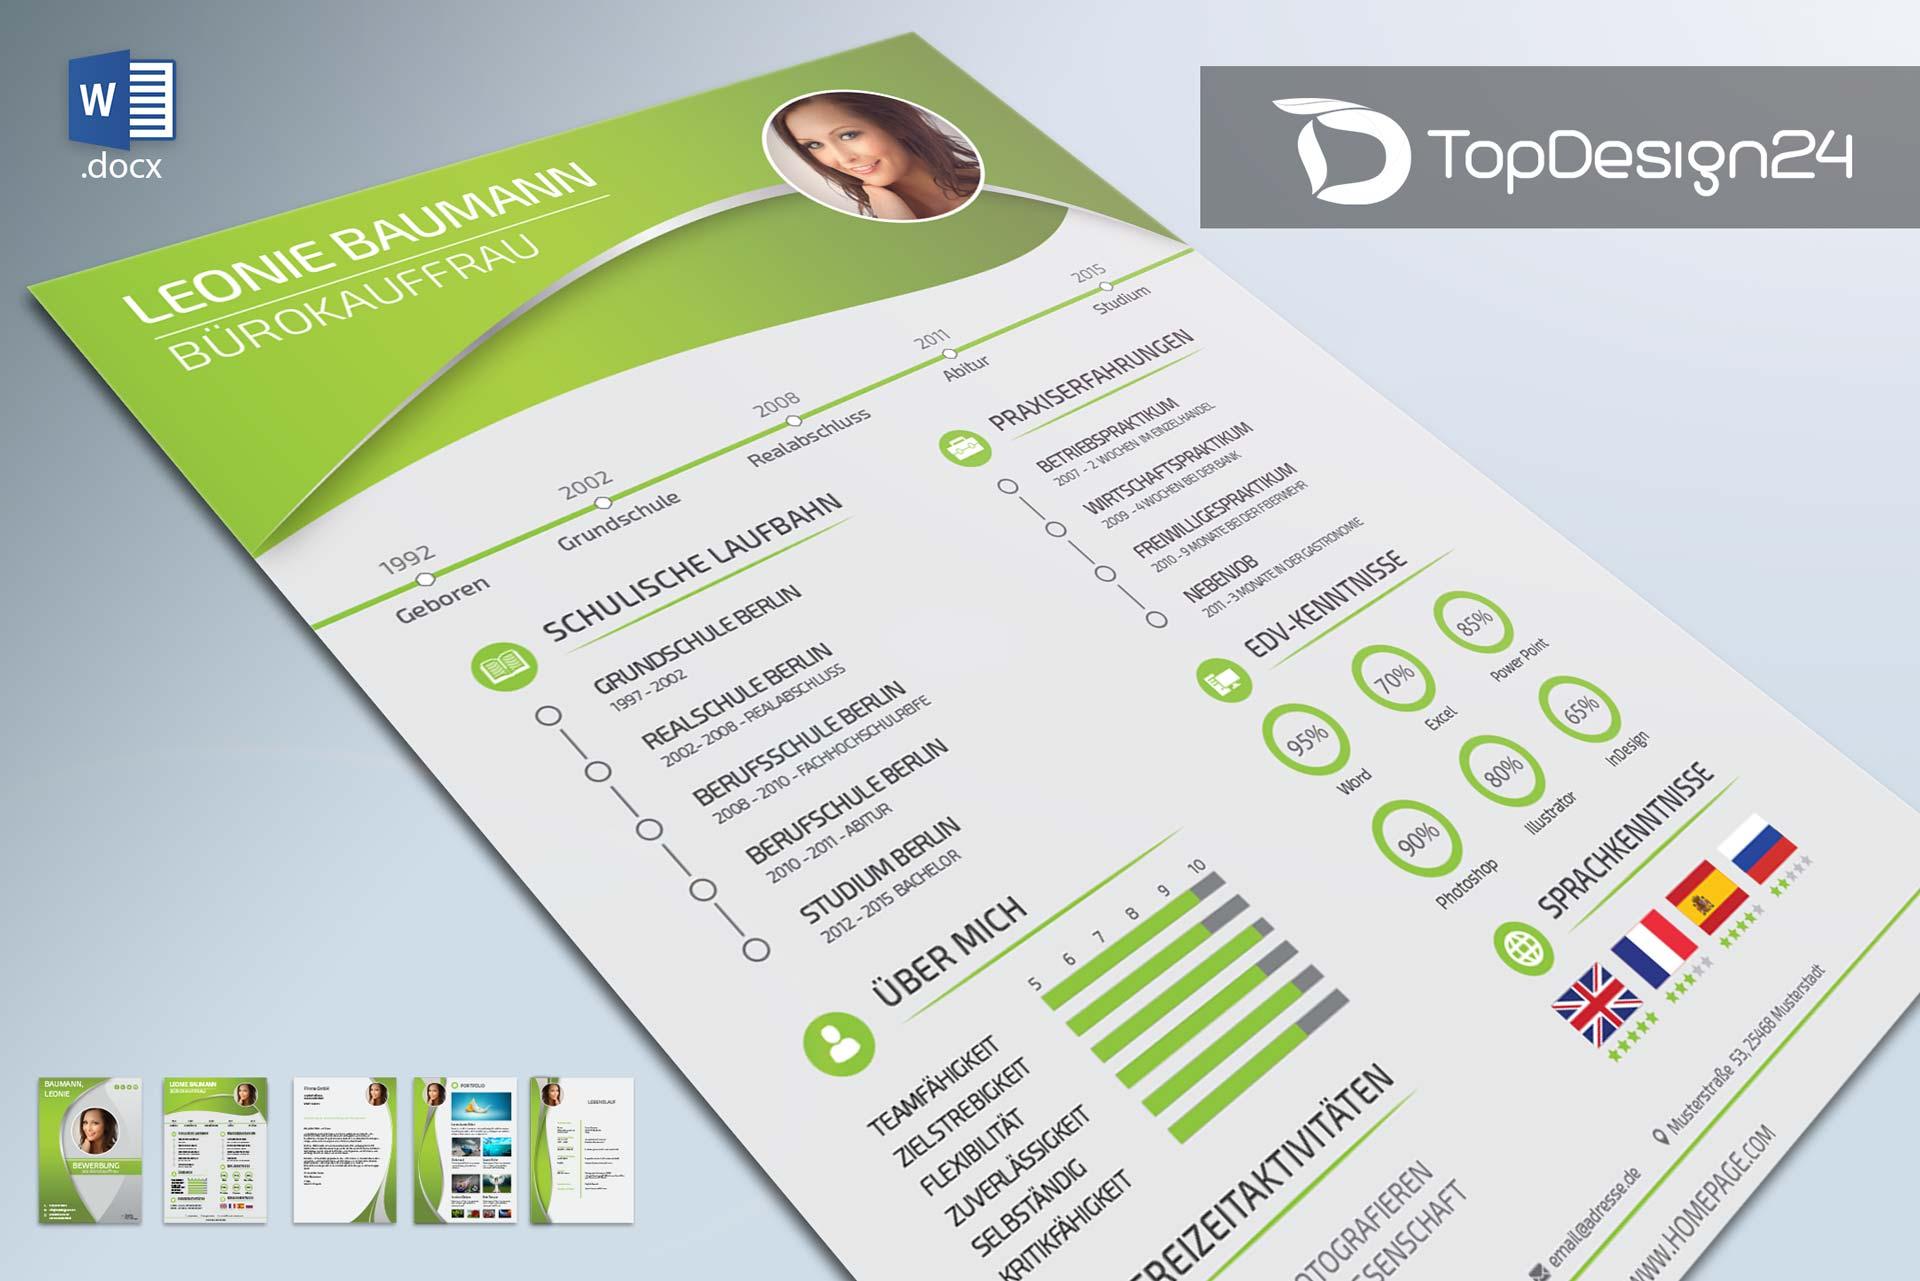 Bewerbung 2016 Topdesign24 Bewerbungsvorlagen